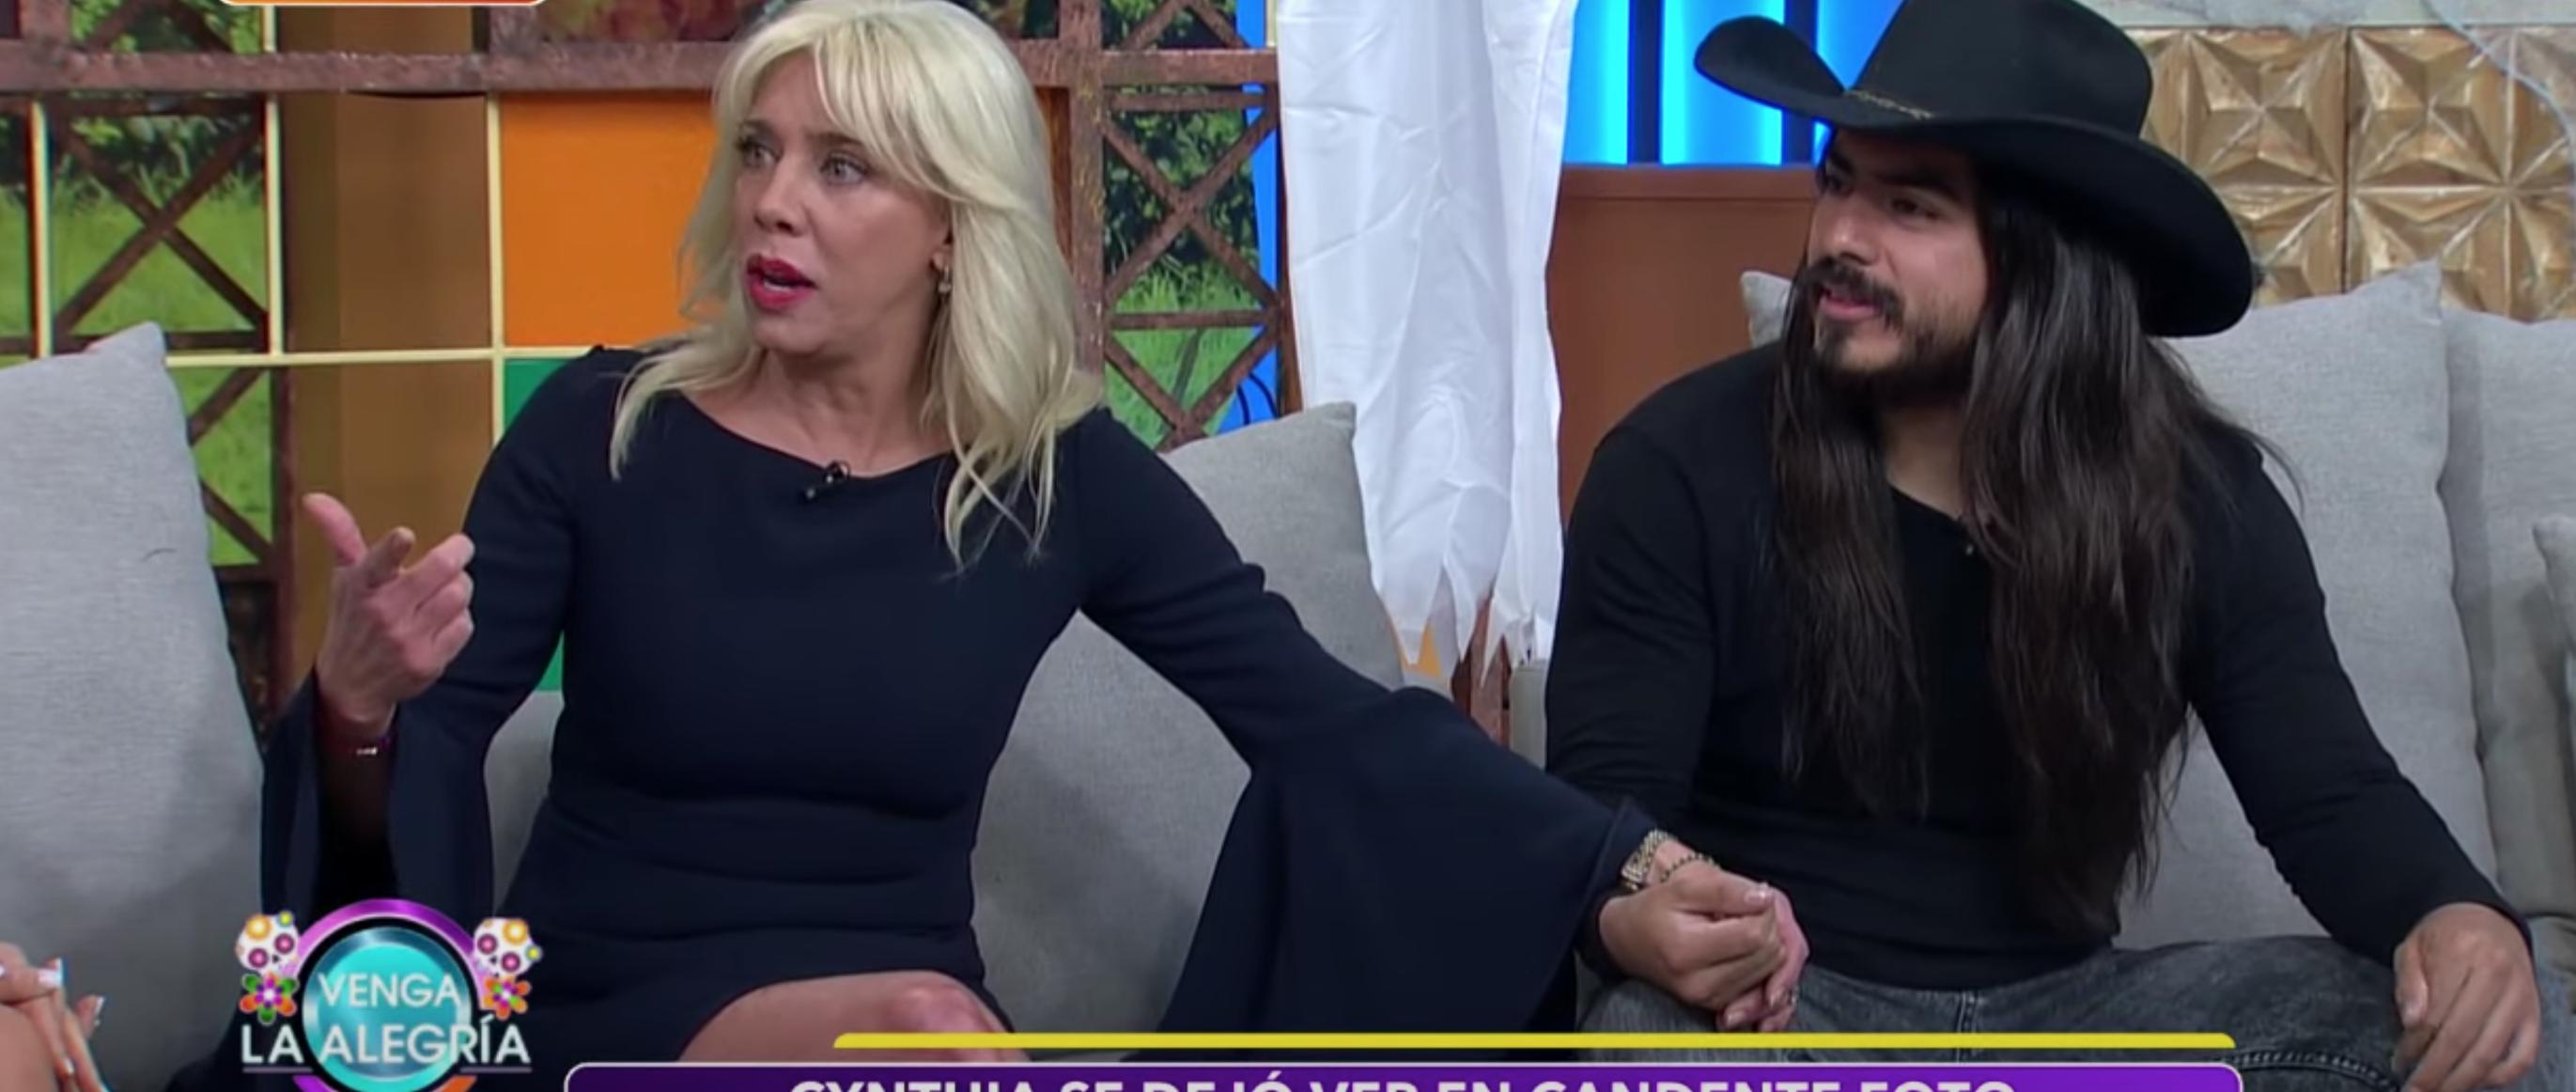 La Verdadera Razon Por La Que Cynthia Klitbo Desnudo Su Romance Con Rey Grupero Rey Mujer Feminista Diferencia De Edad